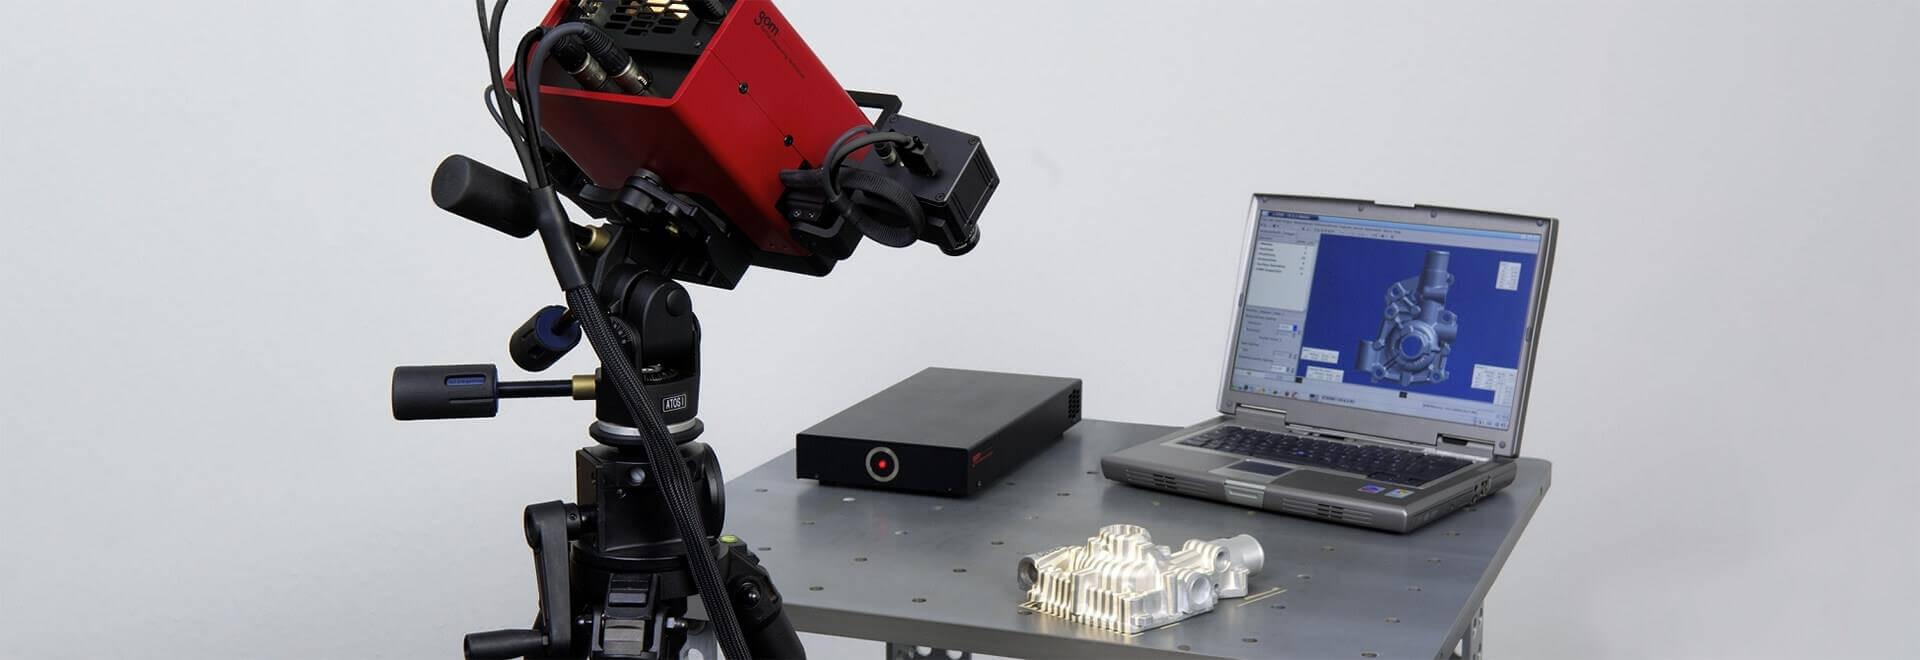 Máy quét 3D của Nikon giúp thiết kế ngược trở nên dễ dàng hơn bao giờ hết